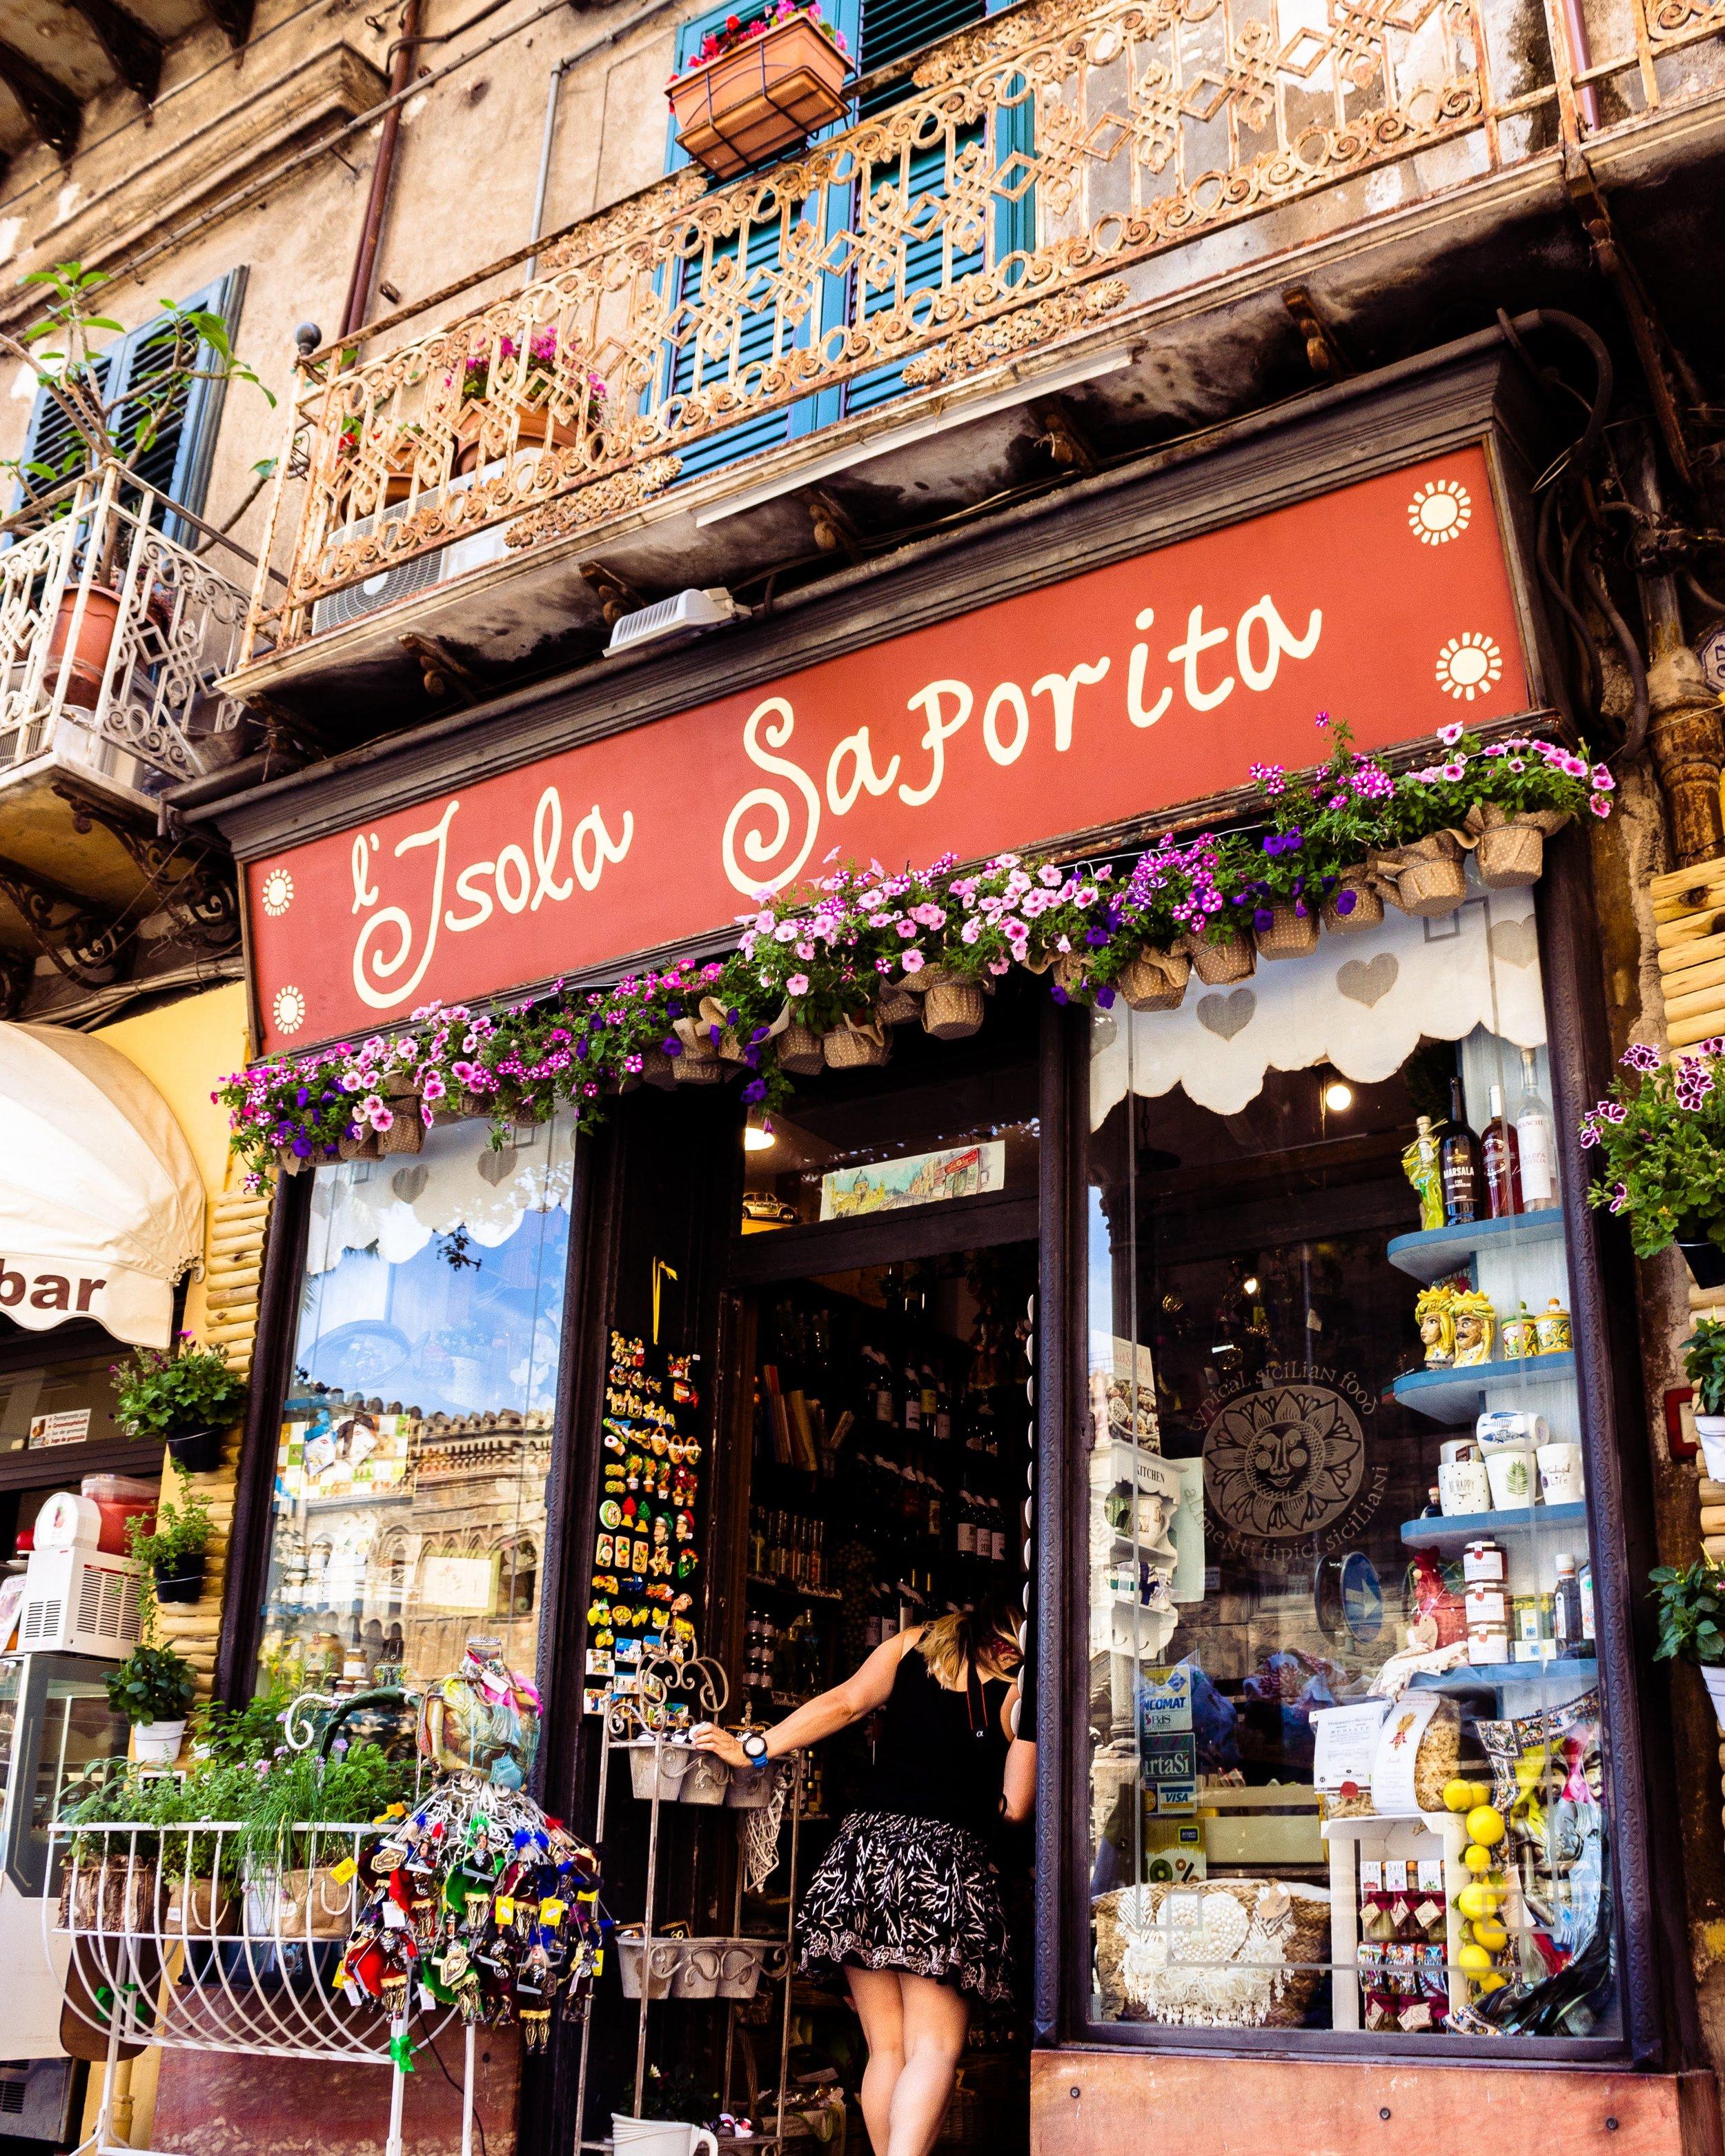 2018-05-27 Sicily batch 2-14 - Copy.jpg